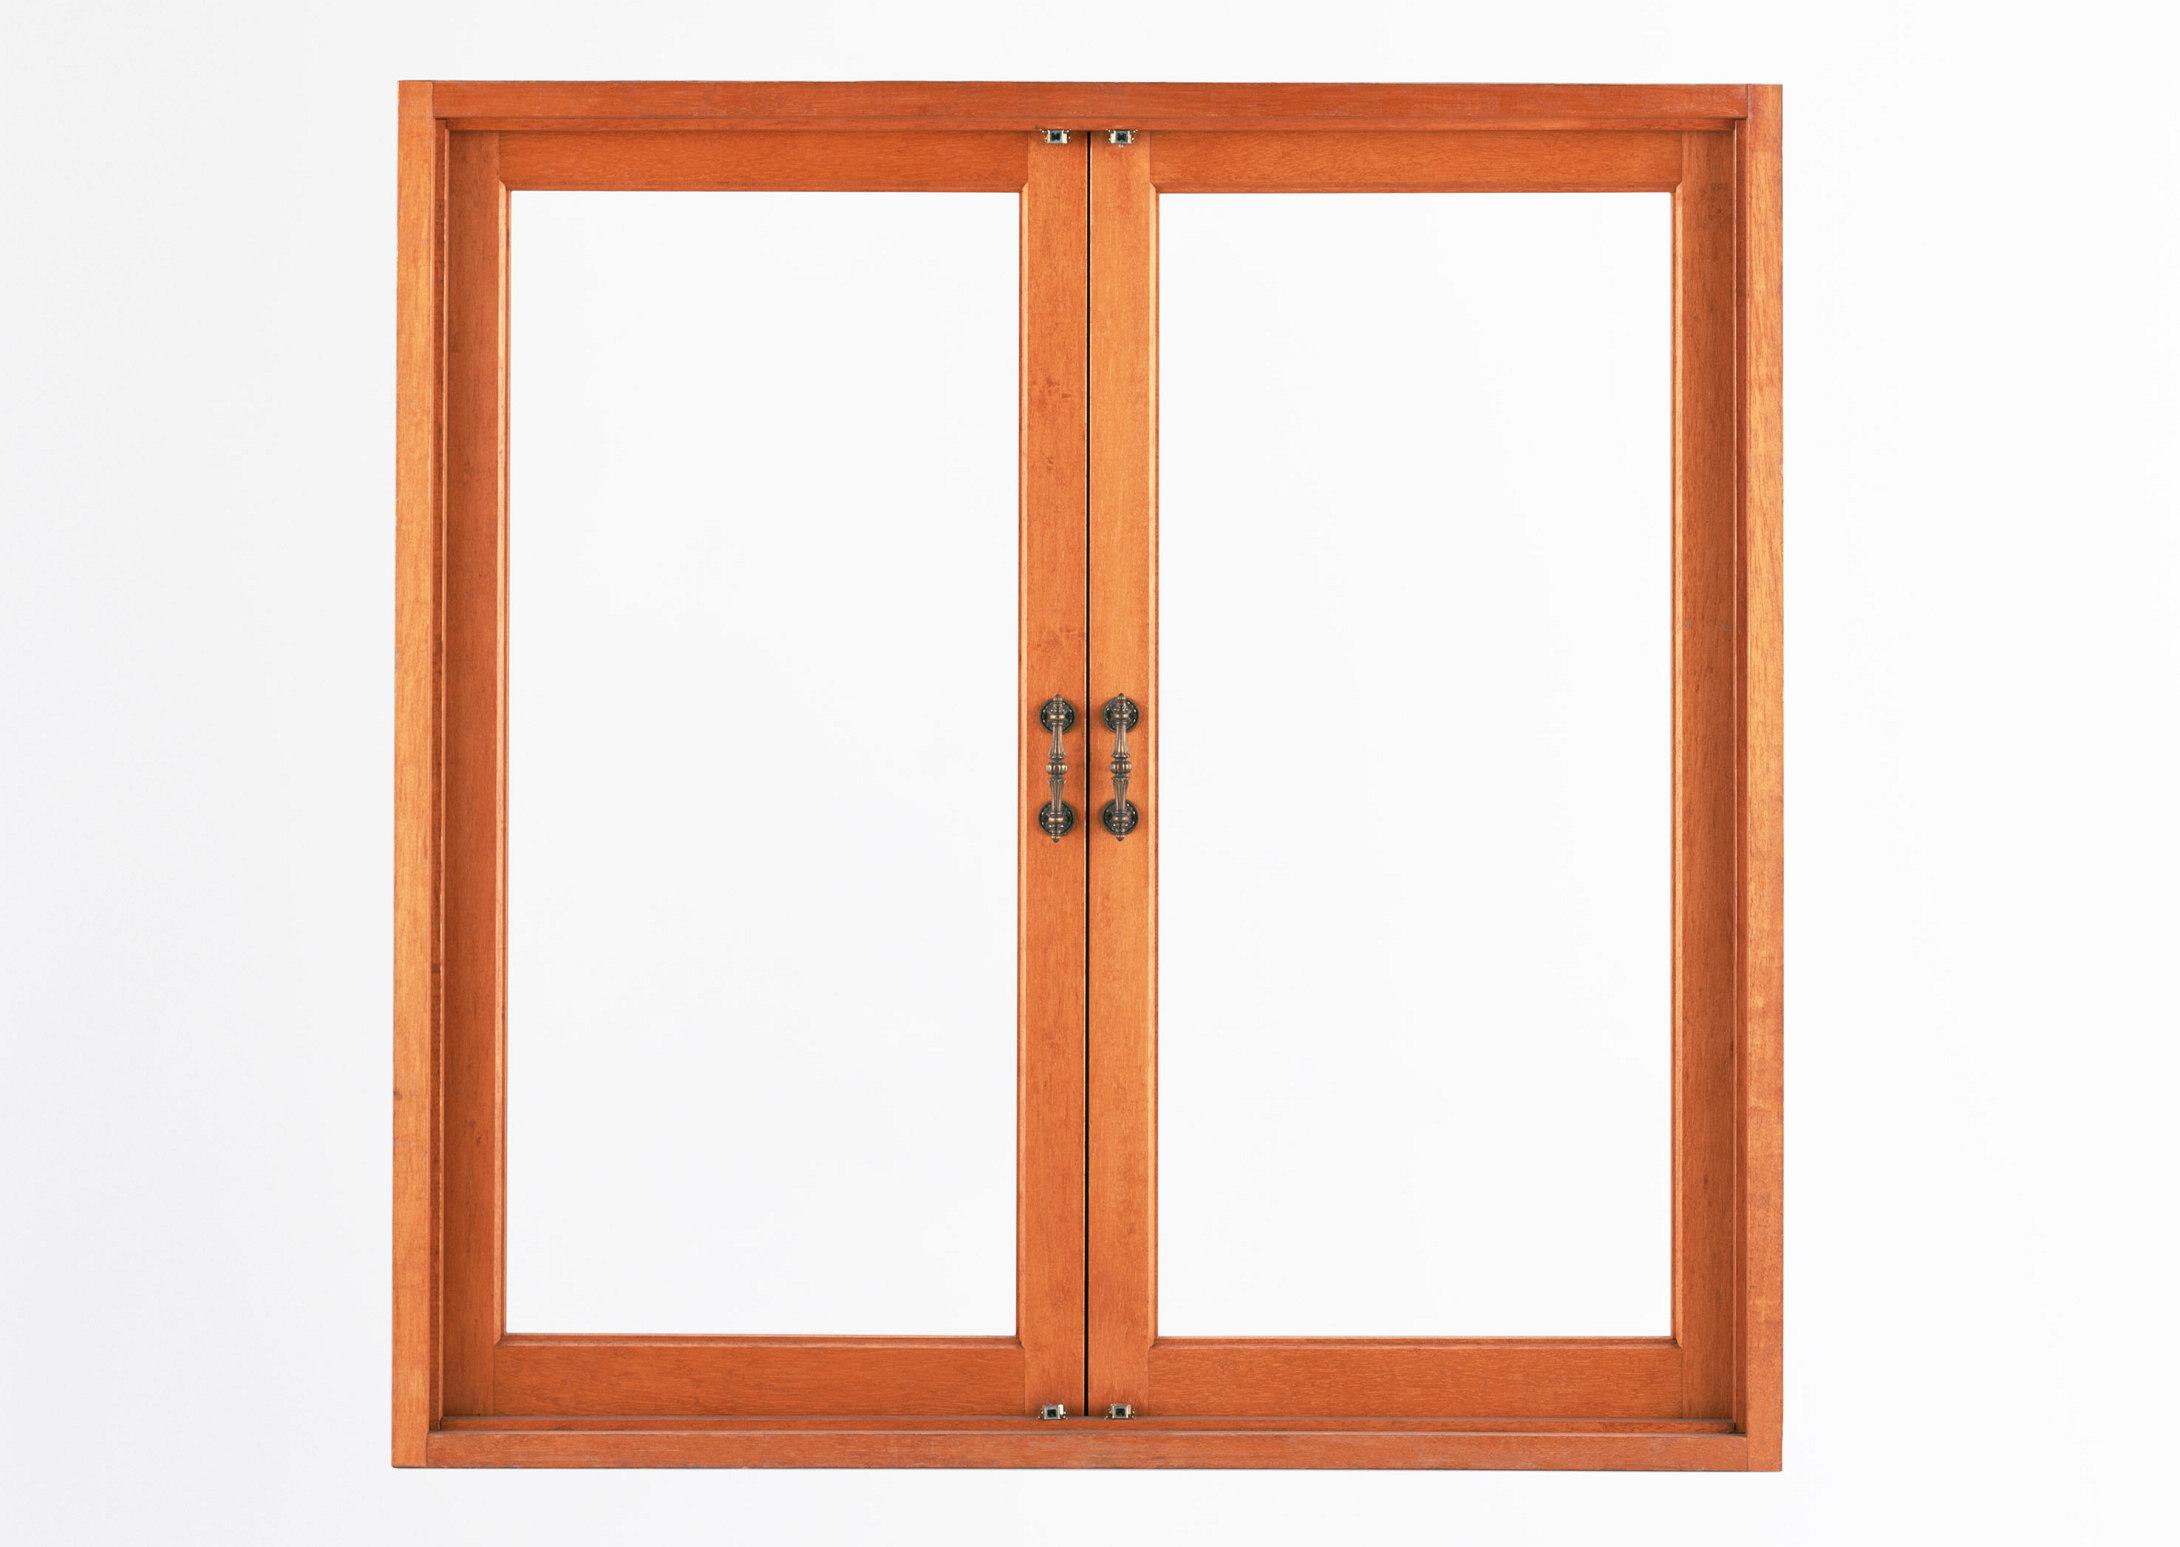 双层窗户玻璃中间老起水雾怎么办 家里装了双层玻璃窗